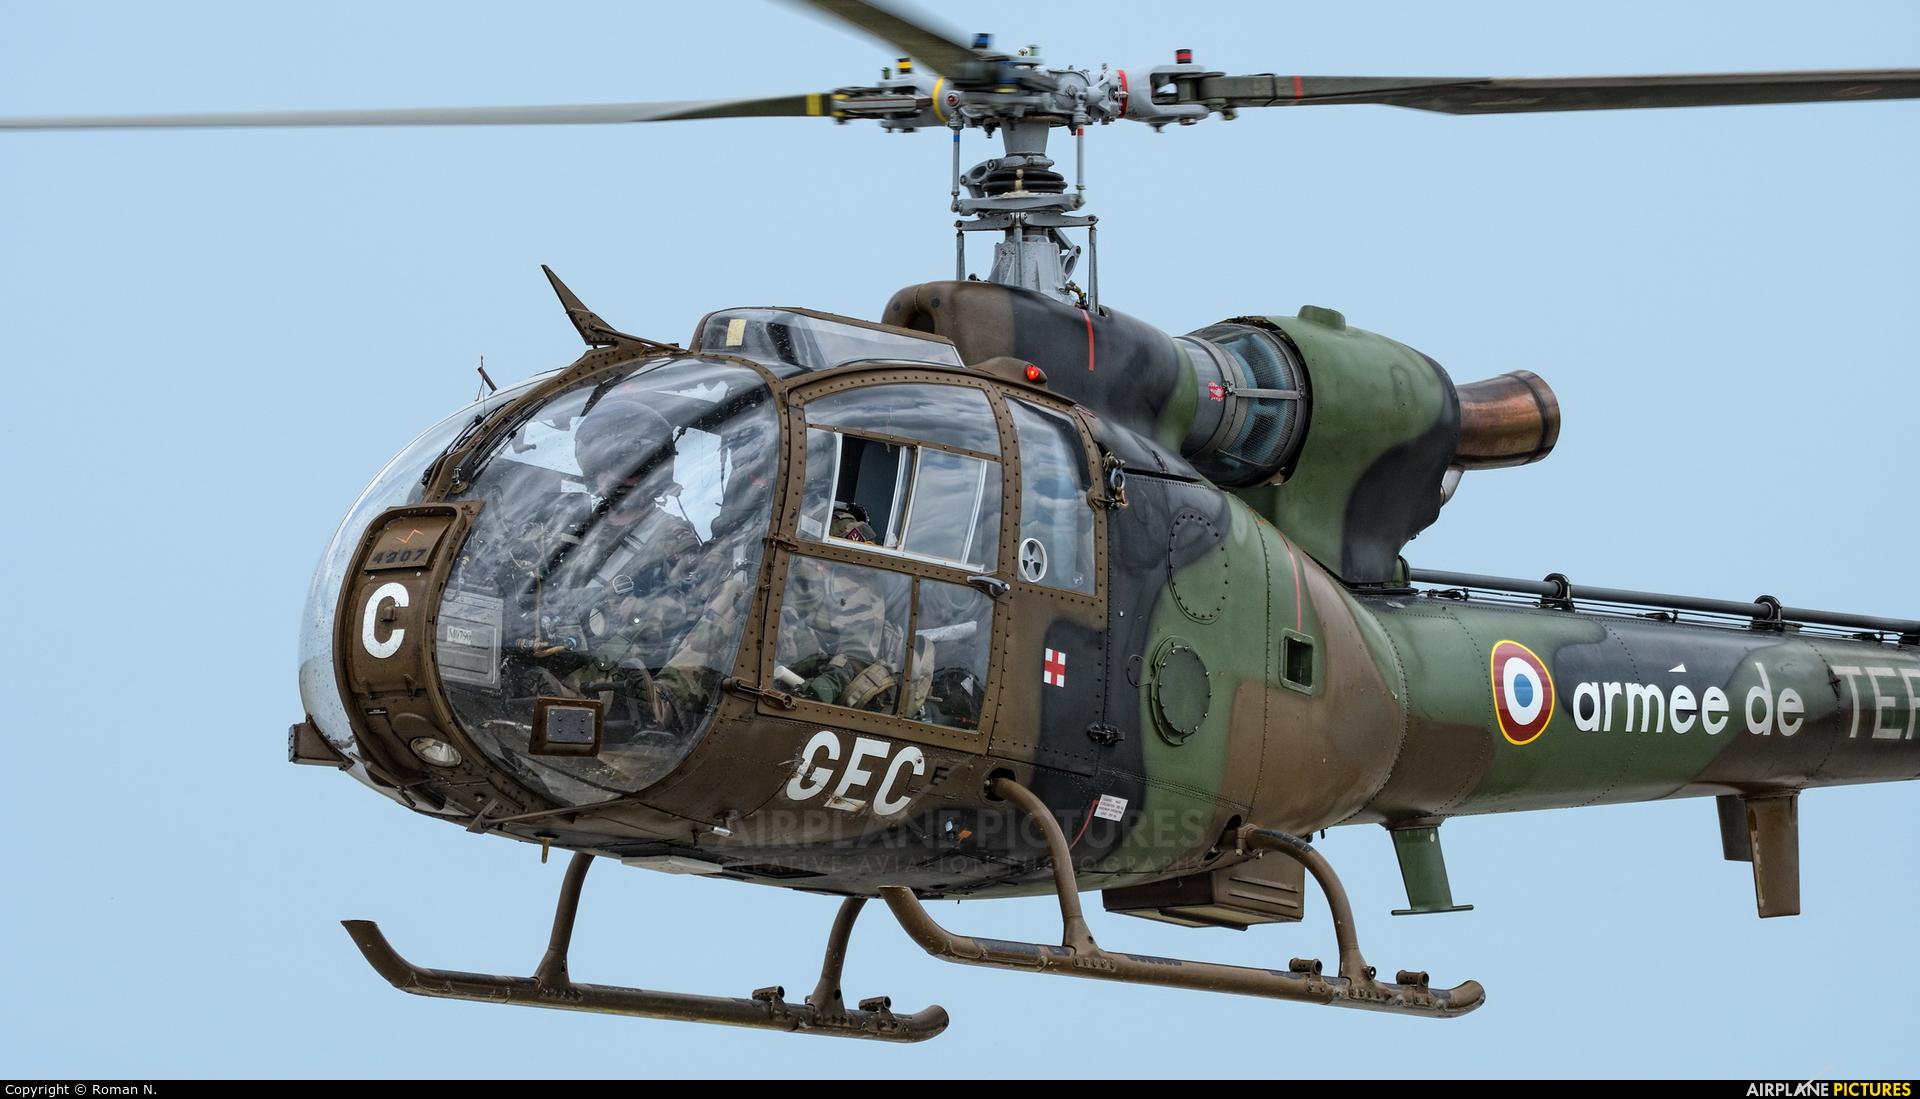 France - Army GEC4207 aircraft at Landivisiau